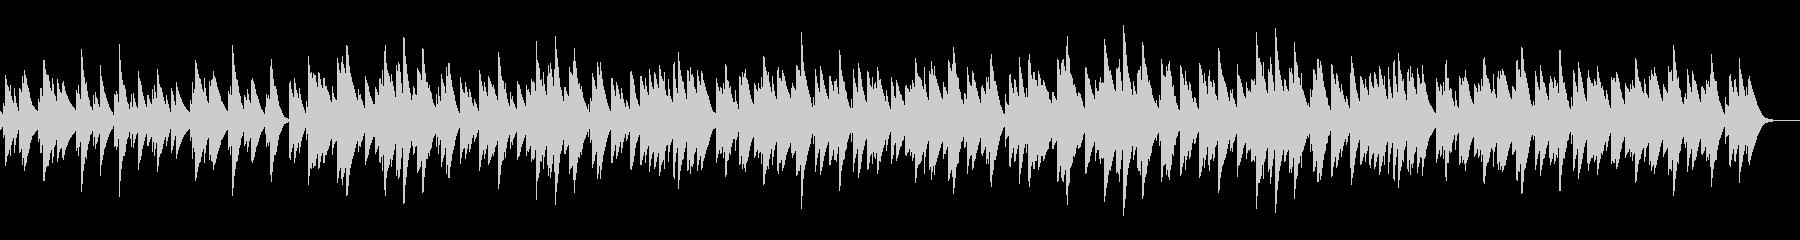 オルゴールソロの楽曲の未再生の波形